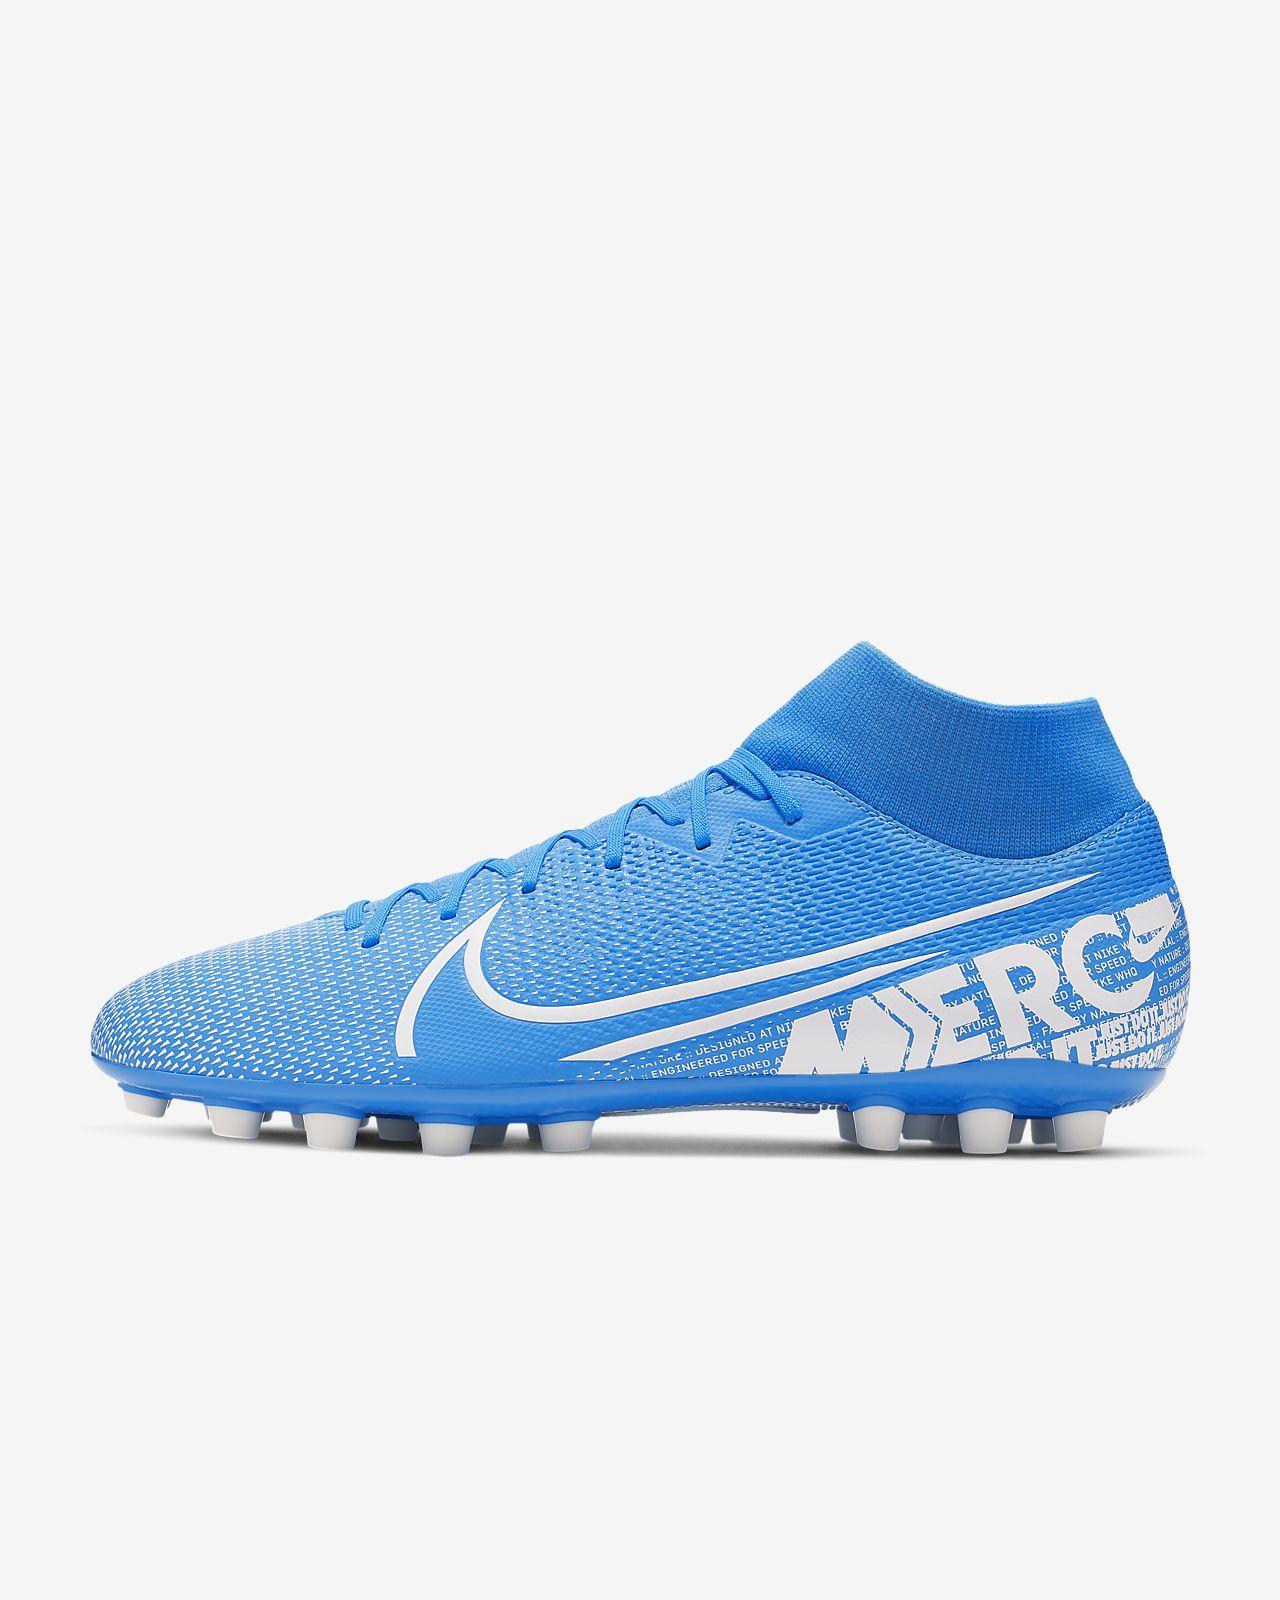 Fotbollssko för konstgräs Nike Mercurial Superfly 7 Academy AG